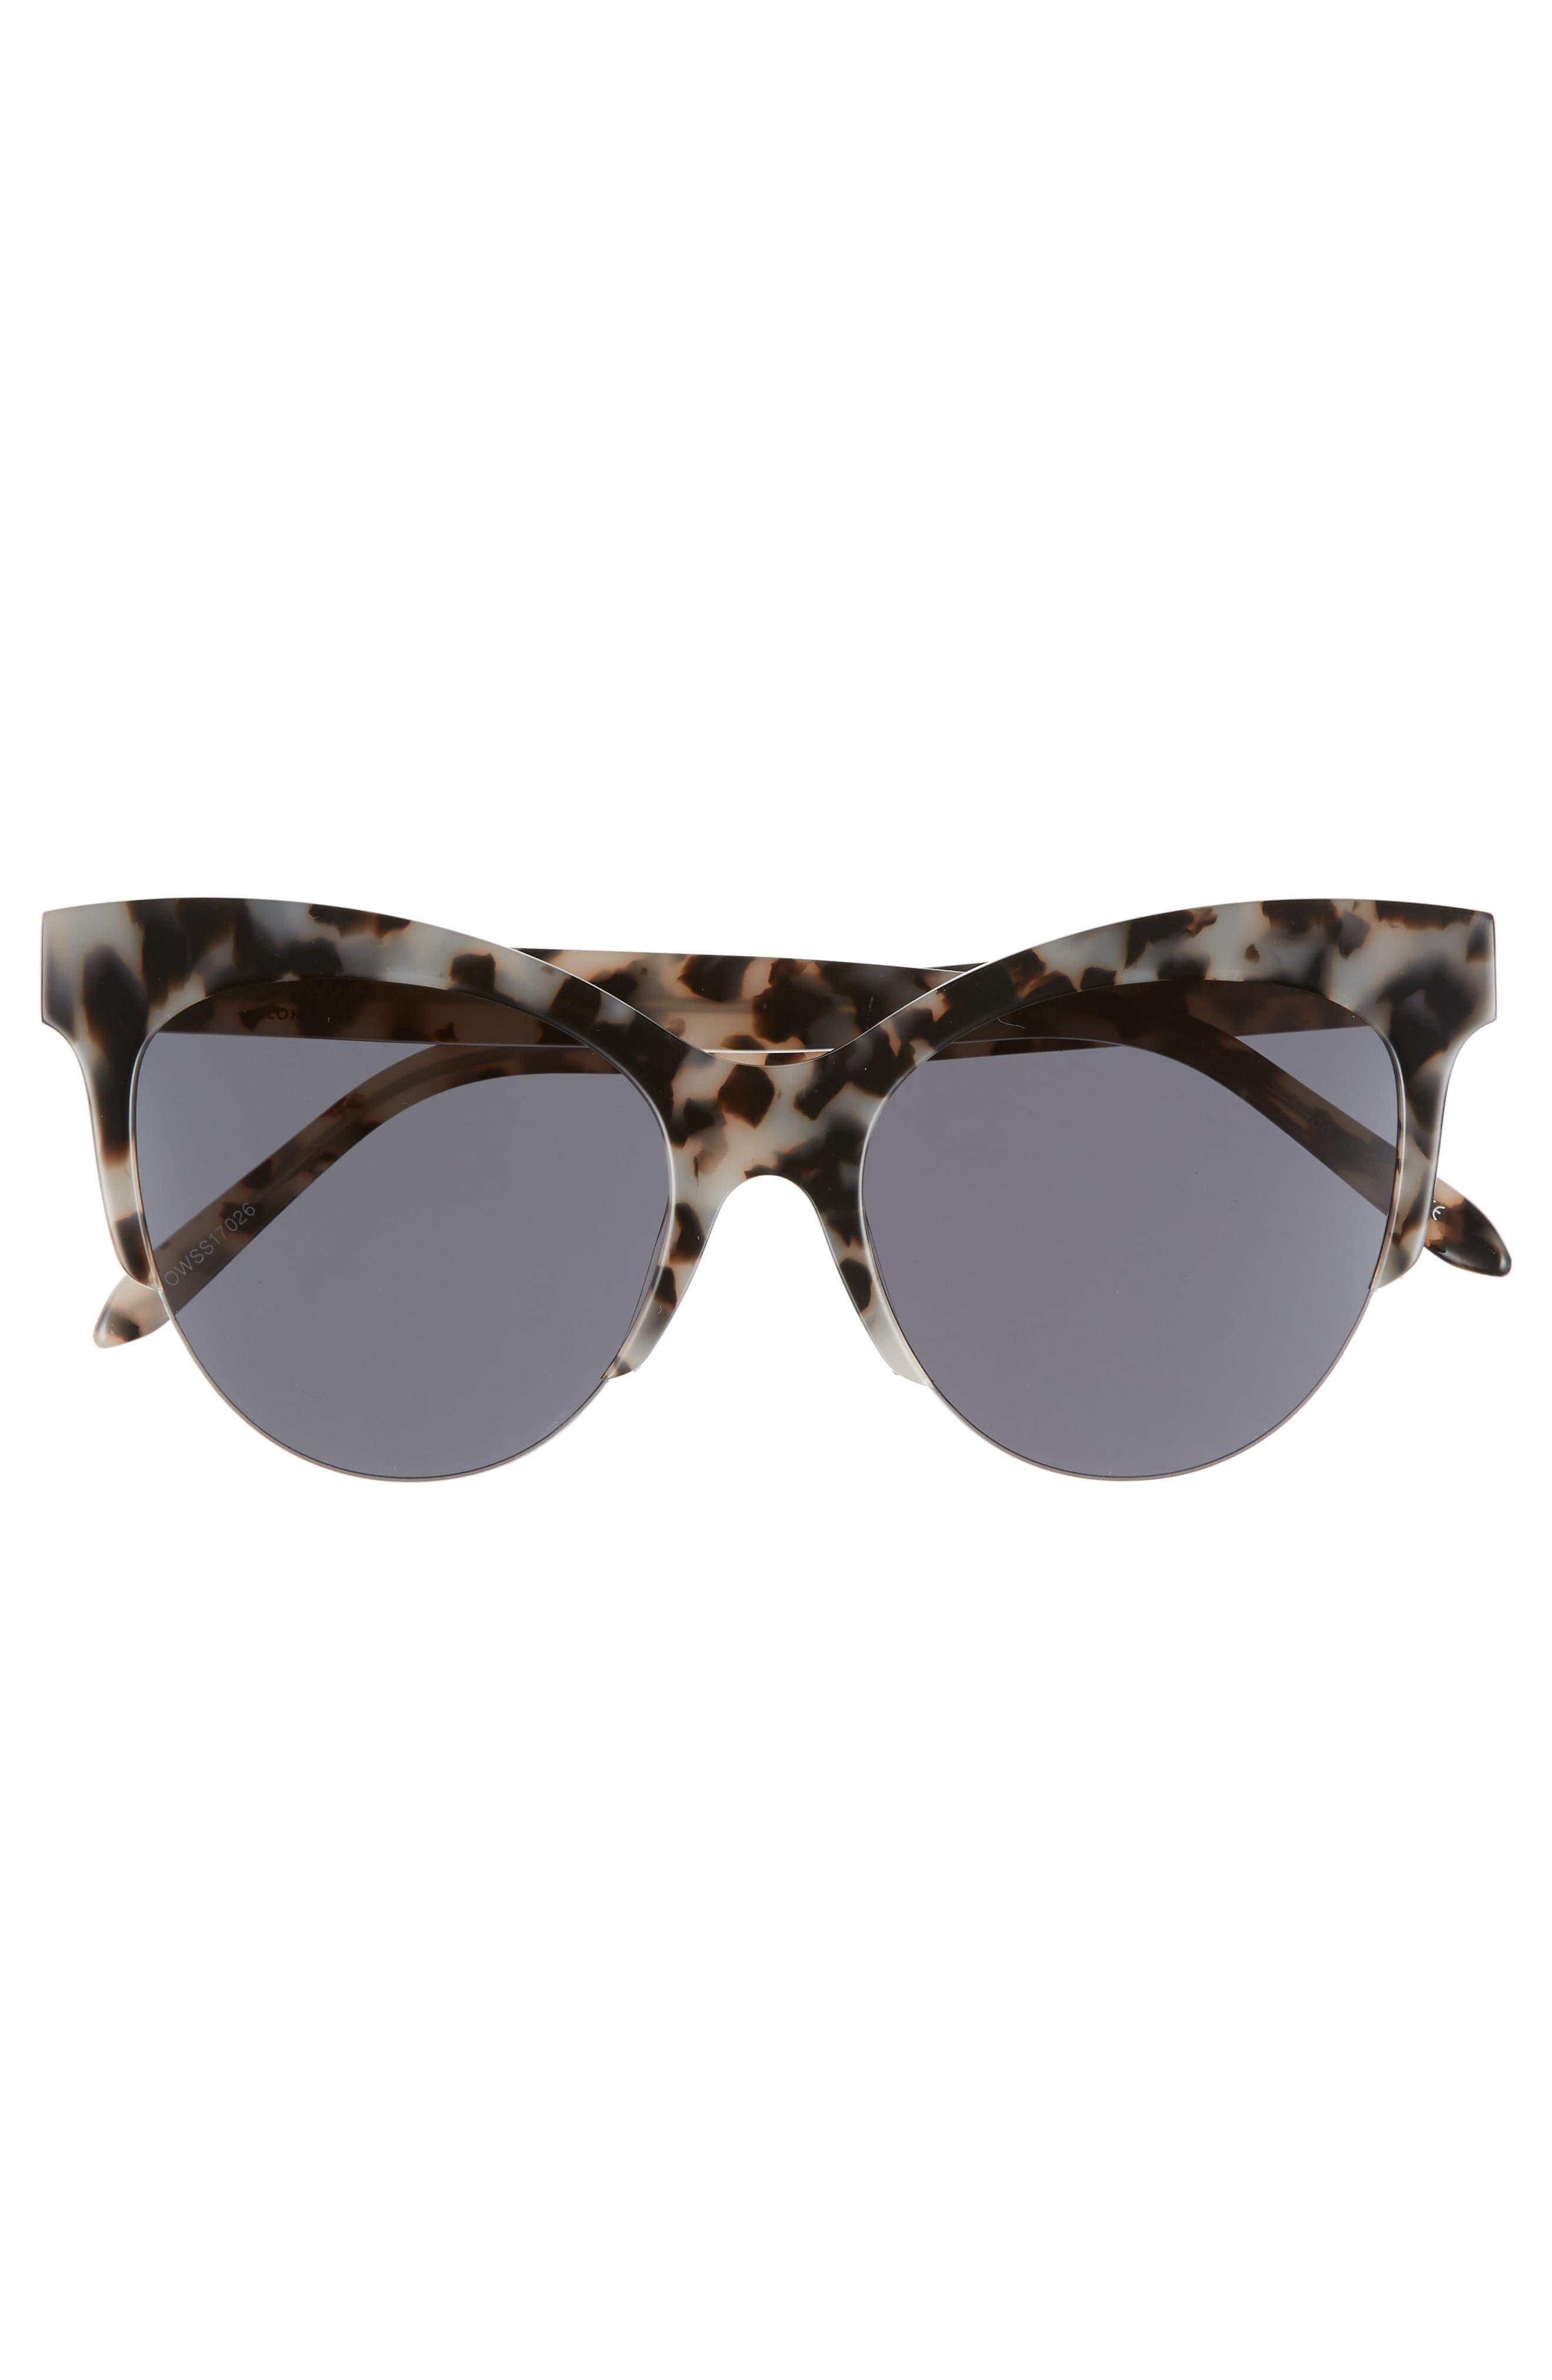 Cody 53mm Cat Eye Sunglasses,                             Alternate thumbnail 3, color,                             MILKY TORTOISE/ SMOKE